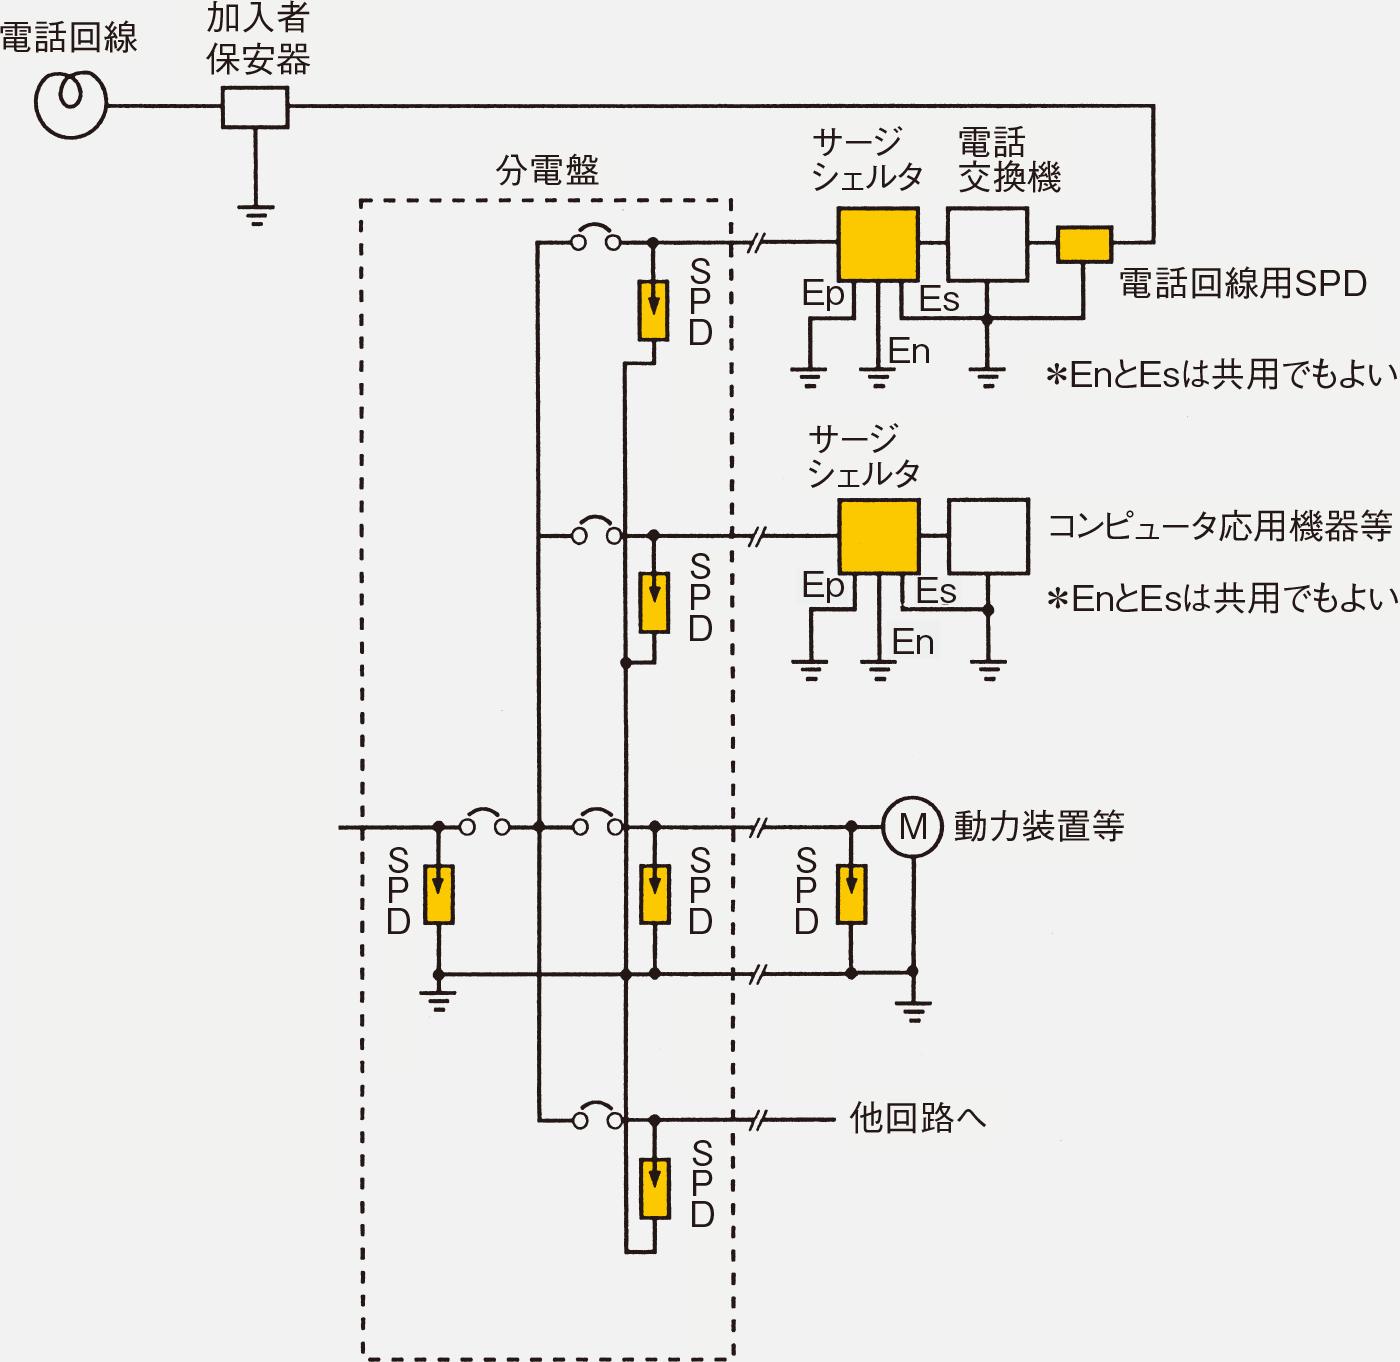 図12 分電盤から保護する機器までのSPD取り付け